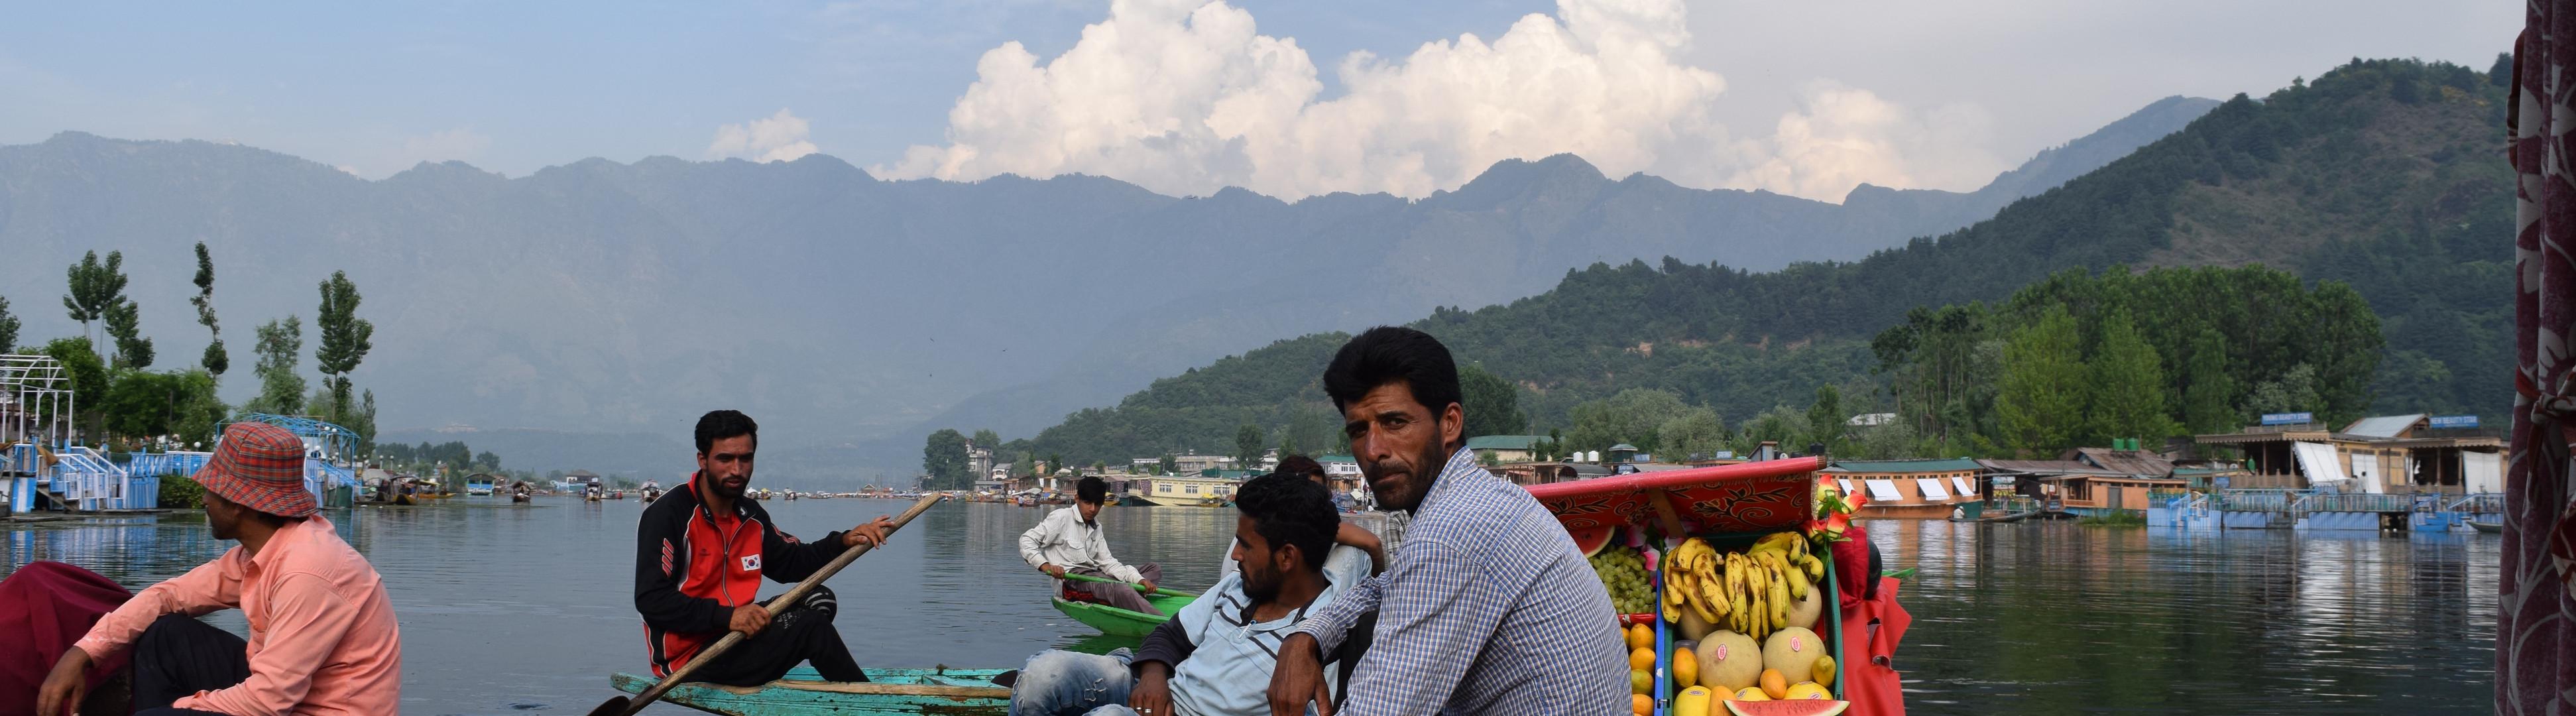 Srinigar, India